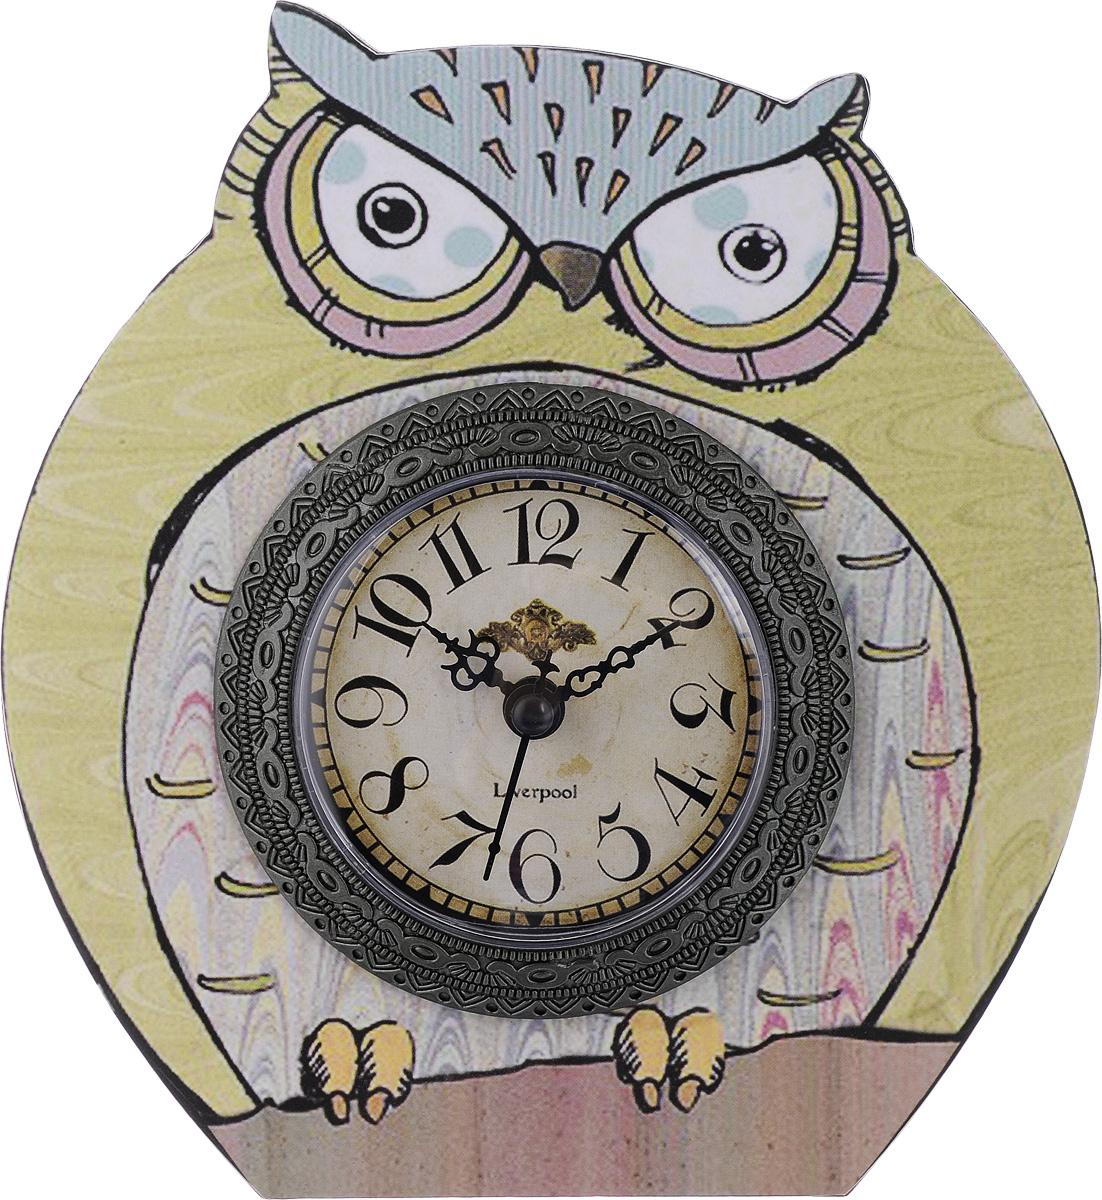 Часы настольные Феникс-Презент Мудрый филин, 17 х 16 смП3-791-12Настольные часы Феникс-Презент Мудрый филин своим эксклюзивным дизайном подчеркнут оригинальность интерьера вашего дома.Часы выполнены из МДФ в виде филина. МДФ (мелкодисперсные фракции) представляет собой плиту из запрессованной вакуумным способом деревянной пыли и является наиболее экологически чистым материалом среди себе подобных. Часы имеют три стрелки - секундную, часовую и минутную.Настольные часы Феникс-Презент Мудрый филин подходят для кухни, гостиной, прихожей или дачи, а также могут стать отличным подарком для друзей и близких.ВНИМАНИЕ!!! Часы работают от сменной батареи типа АА 1,5V (в комплект не входит).